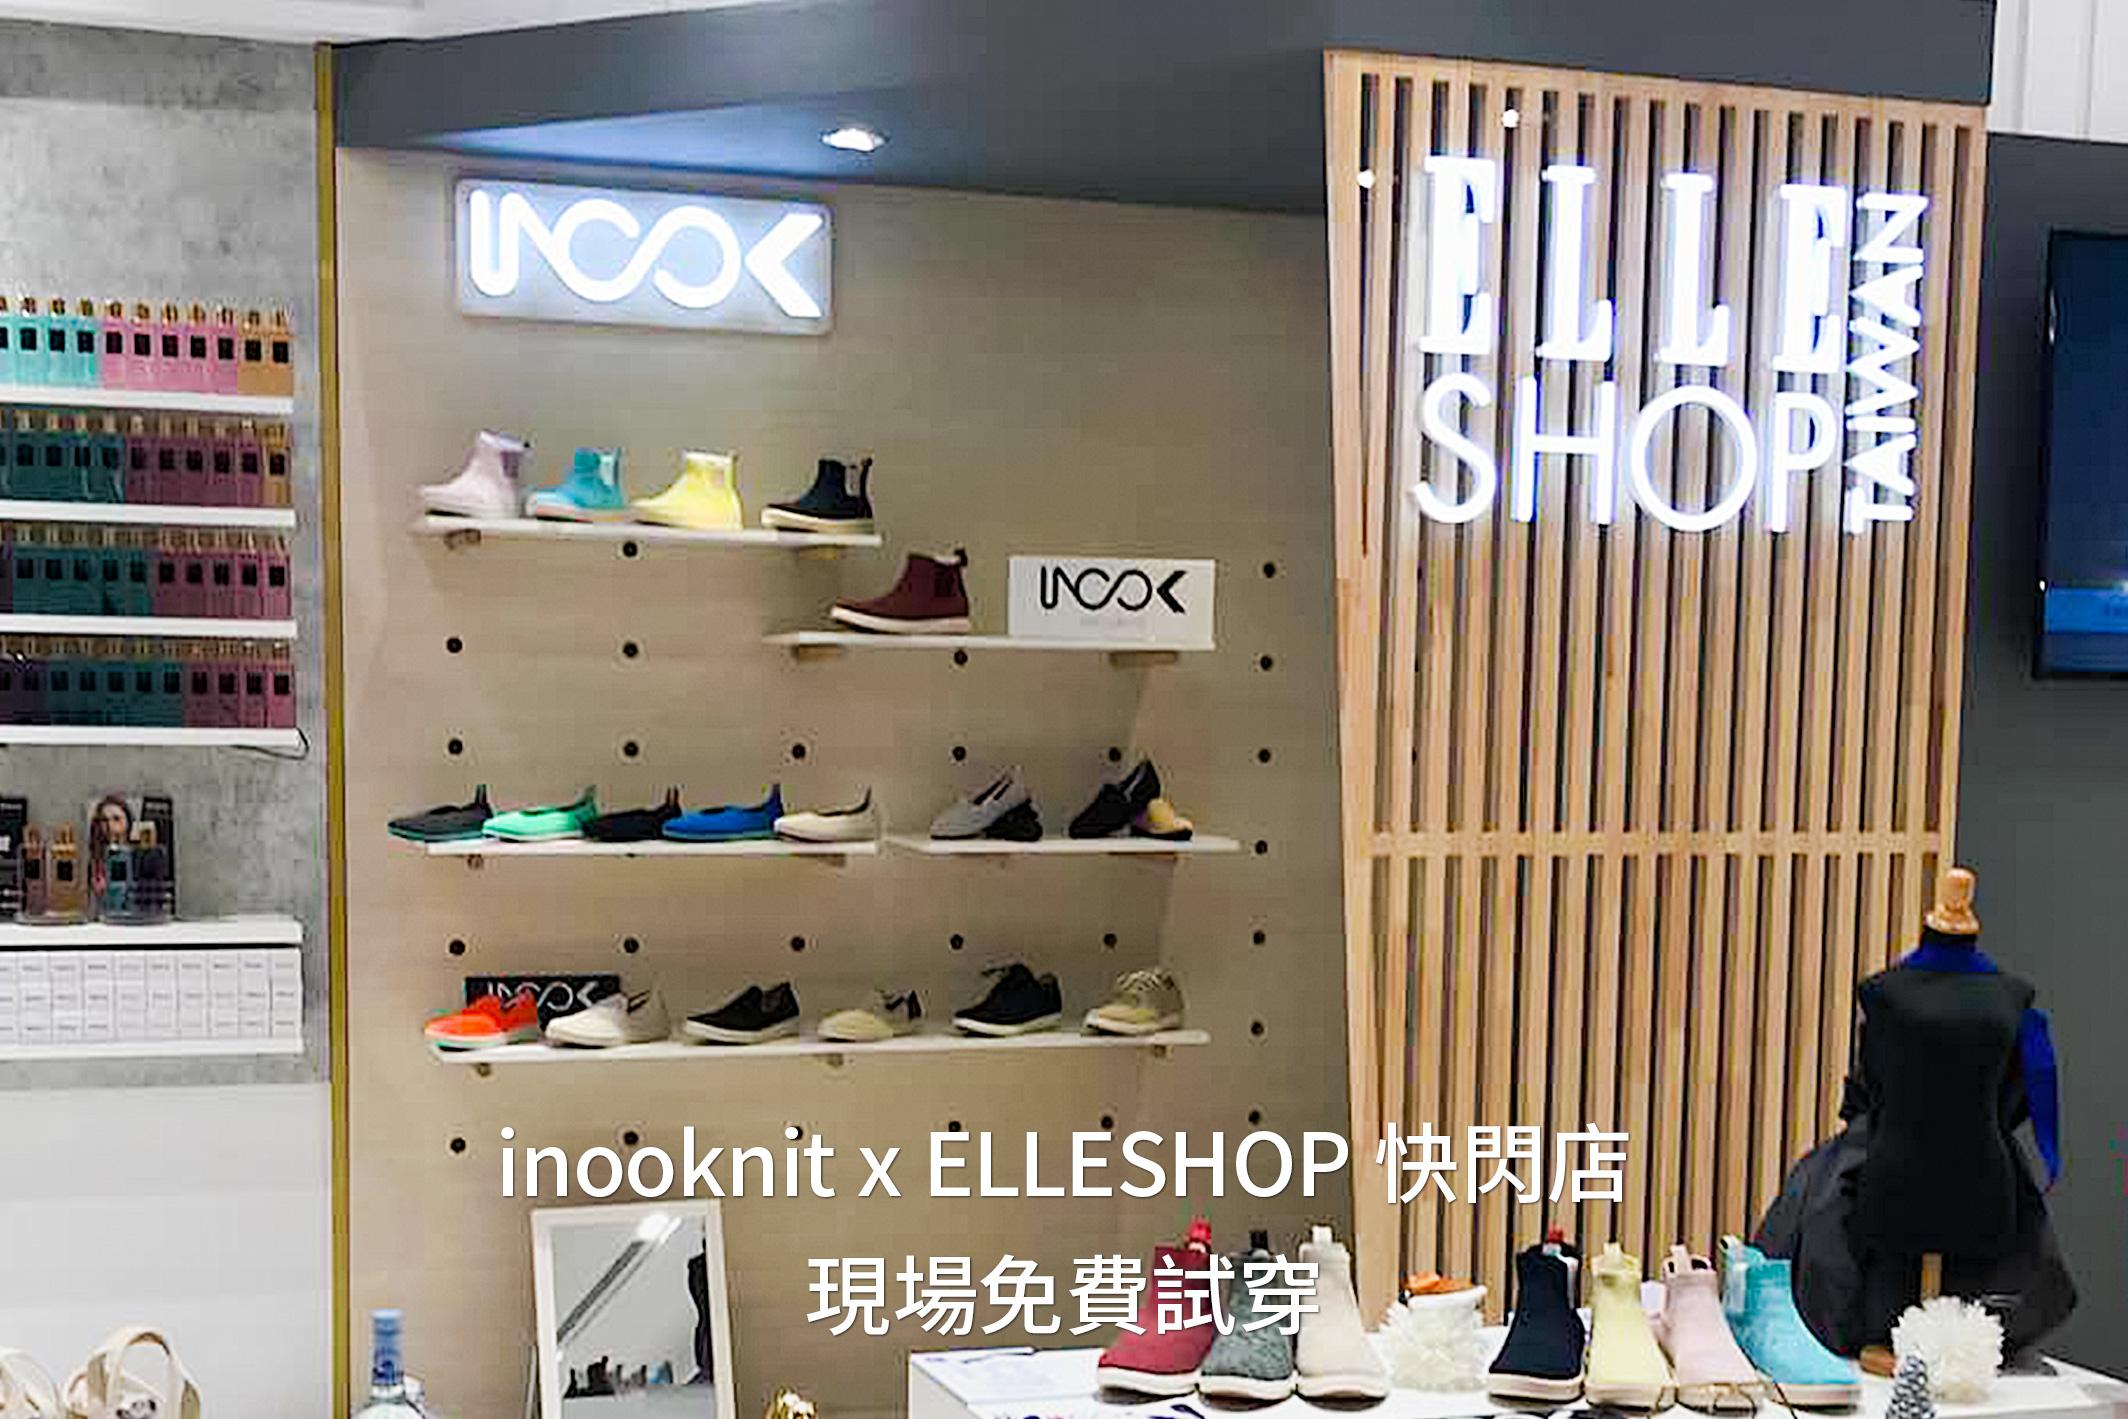 inooknit x ELLE SHOP 快閃店